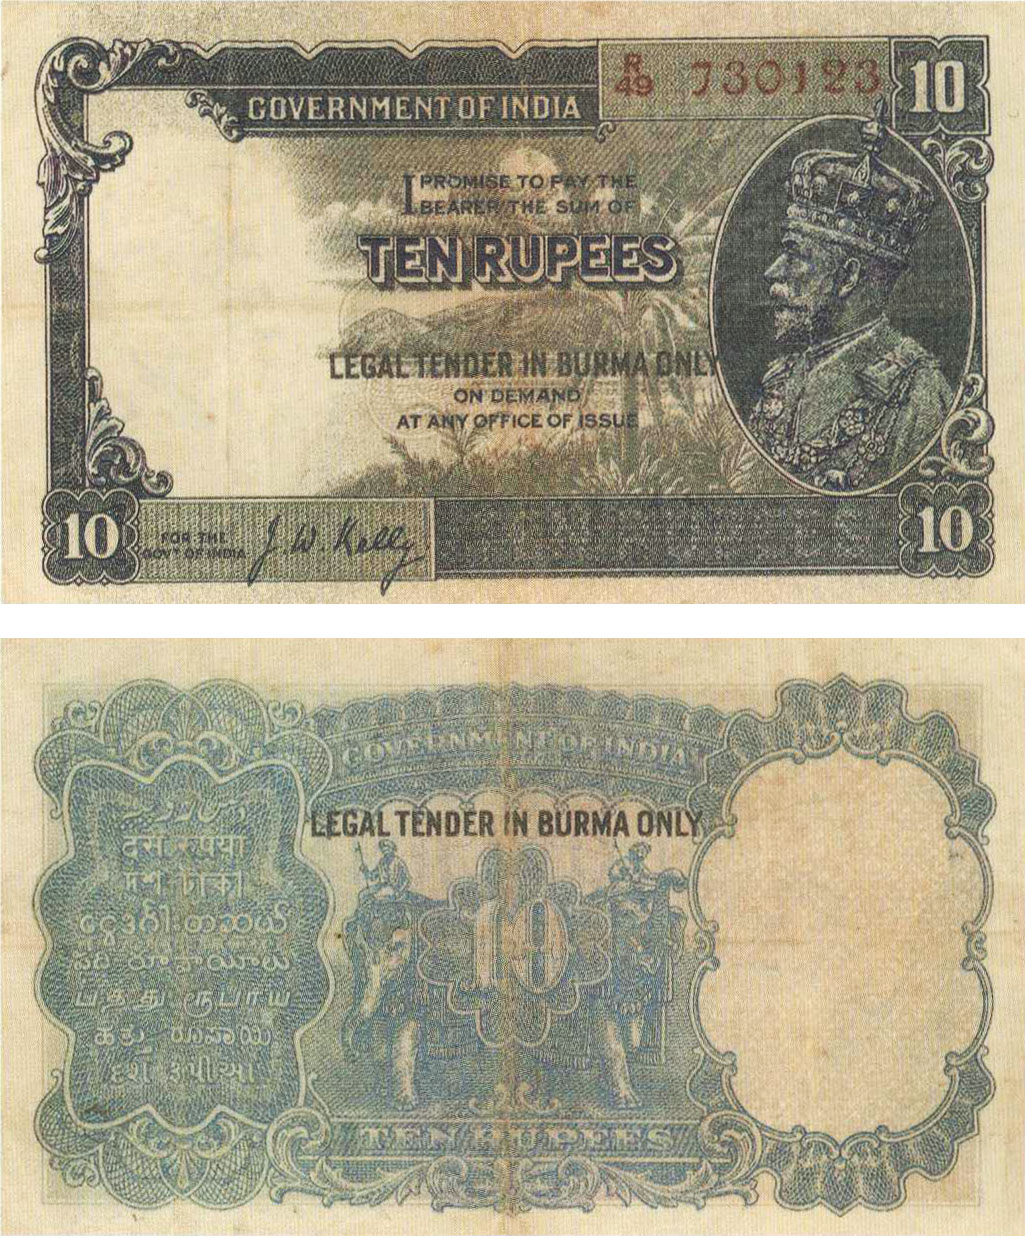 http://3.bp.blogspot.com/-cojorZ2aX8g/TiyYJyuGEdI/AAAAAAAAAR0/QBugJattcIg/s1600/1937+10+rup+ovrprnt.jpg